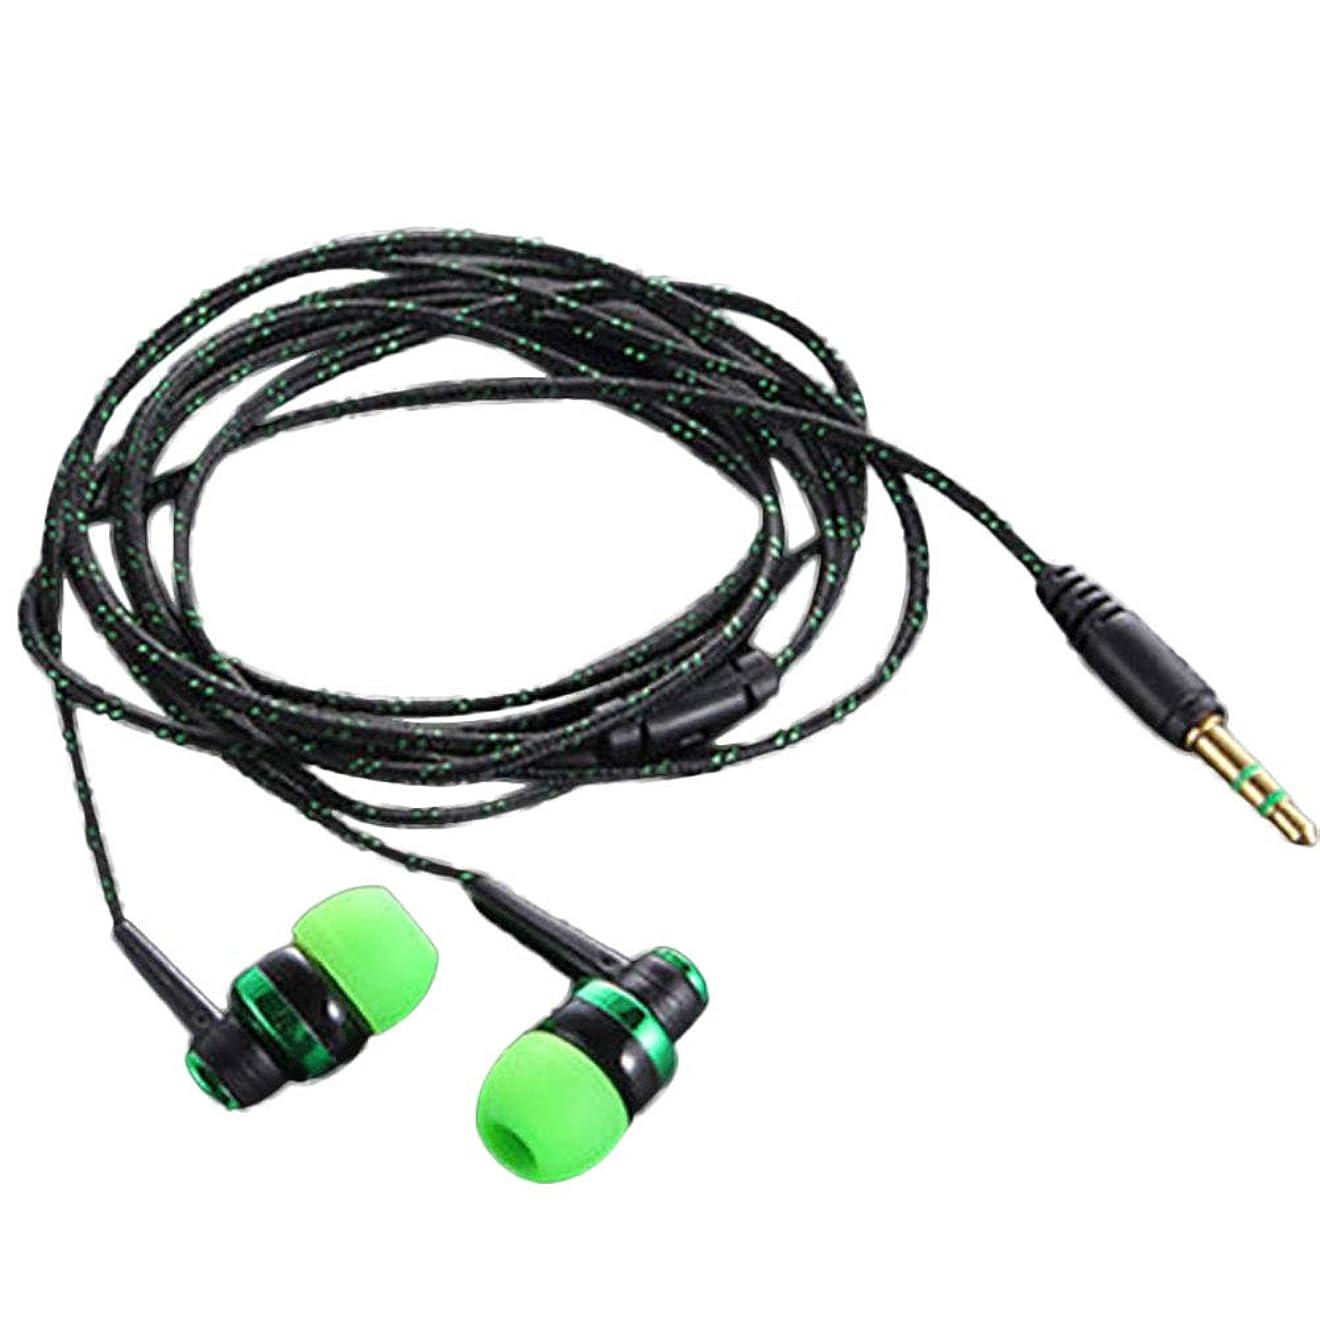 原子推測するのりOUPU イヤホン 有線 重低音 3.5mm マイク付き スマホン 携帯 通話 音楽 ミュージック (グリーン)